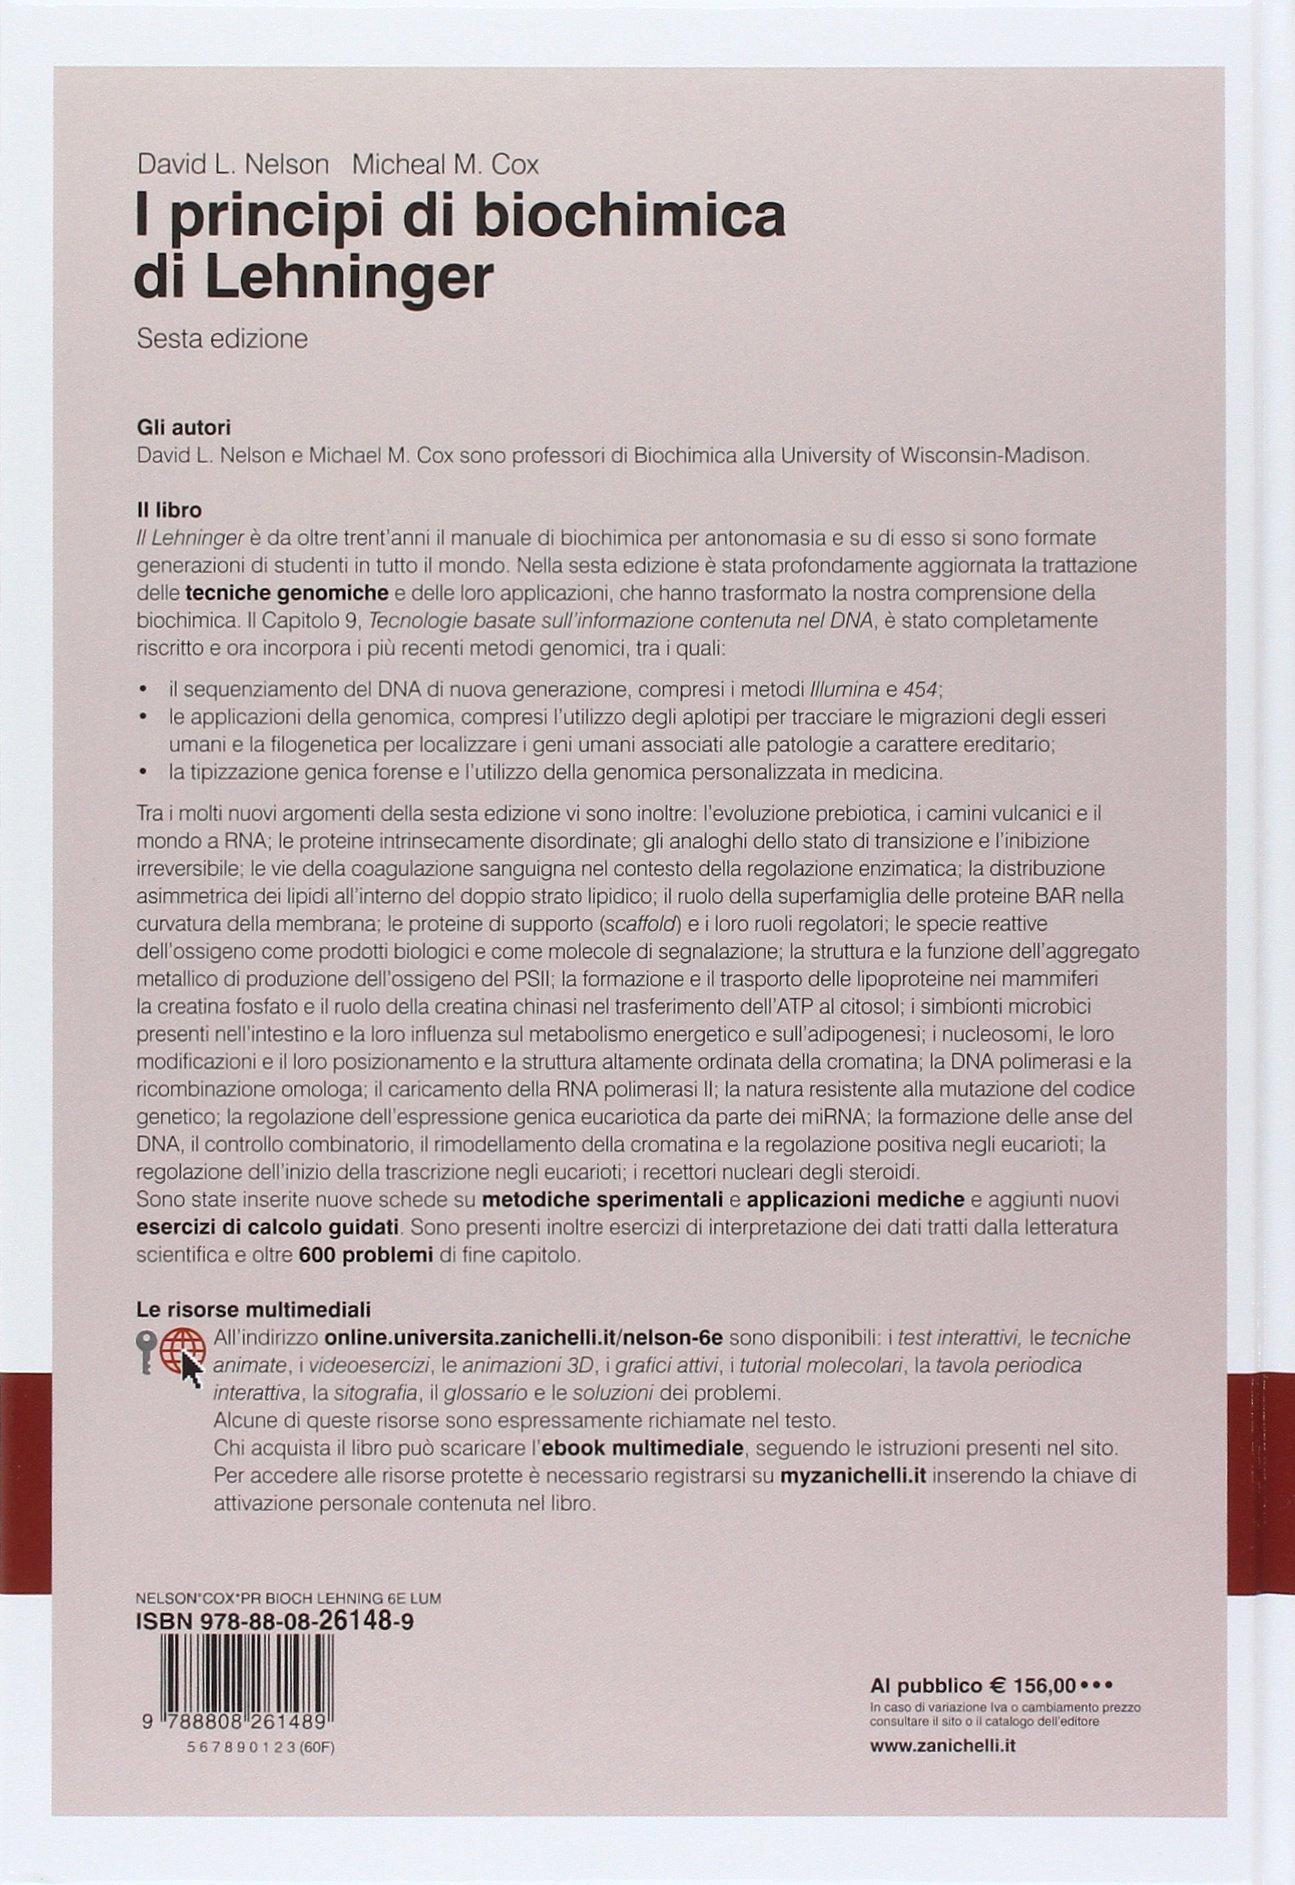 Lehninger principi di biochimica online dating. Lehninger principi di biochimica online dating.